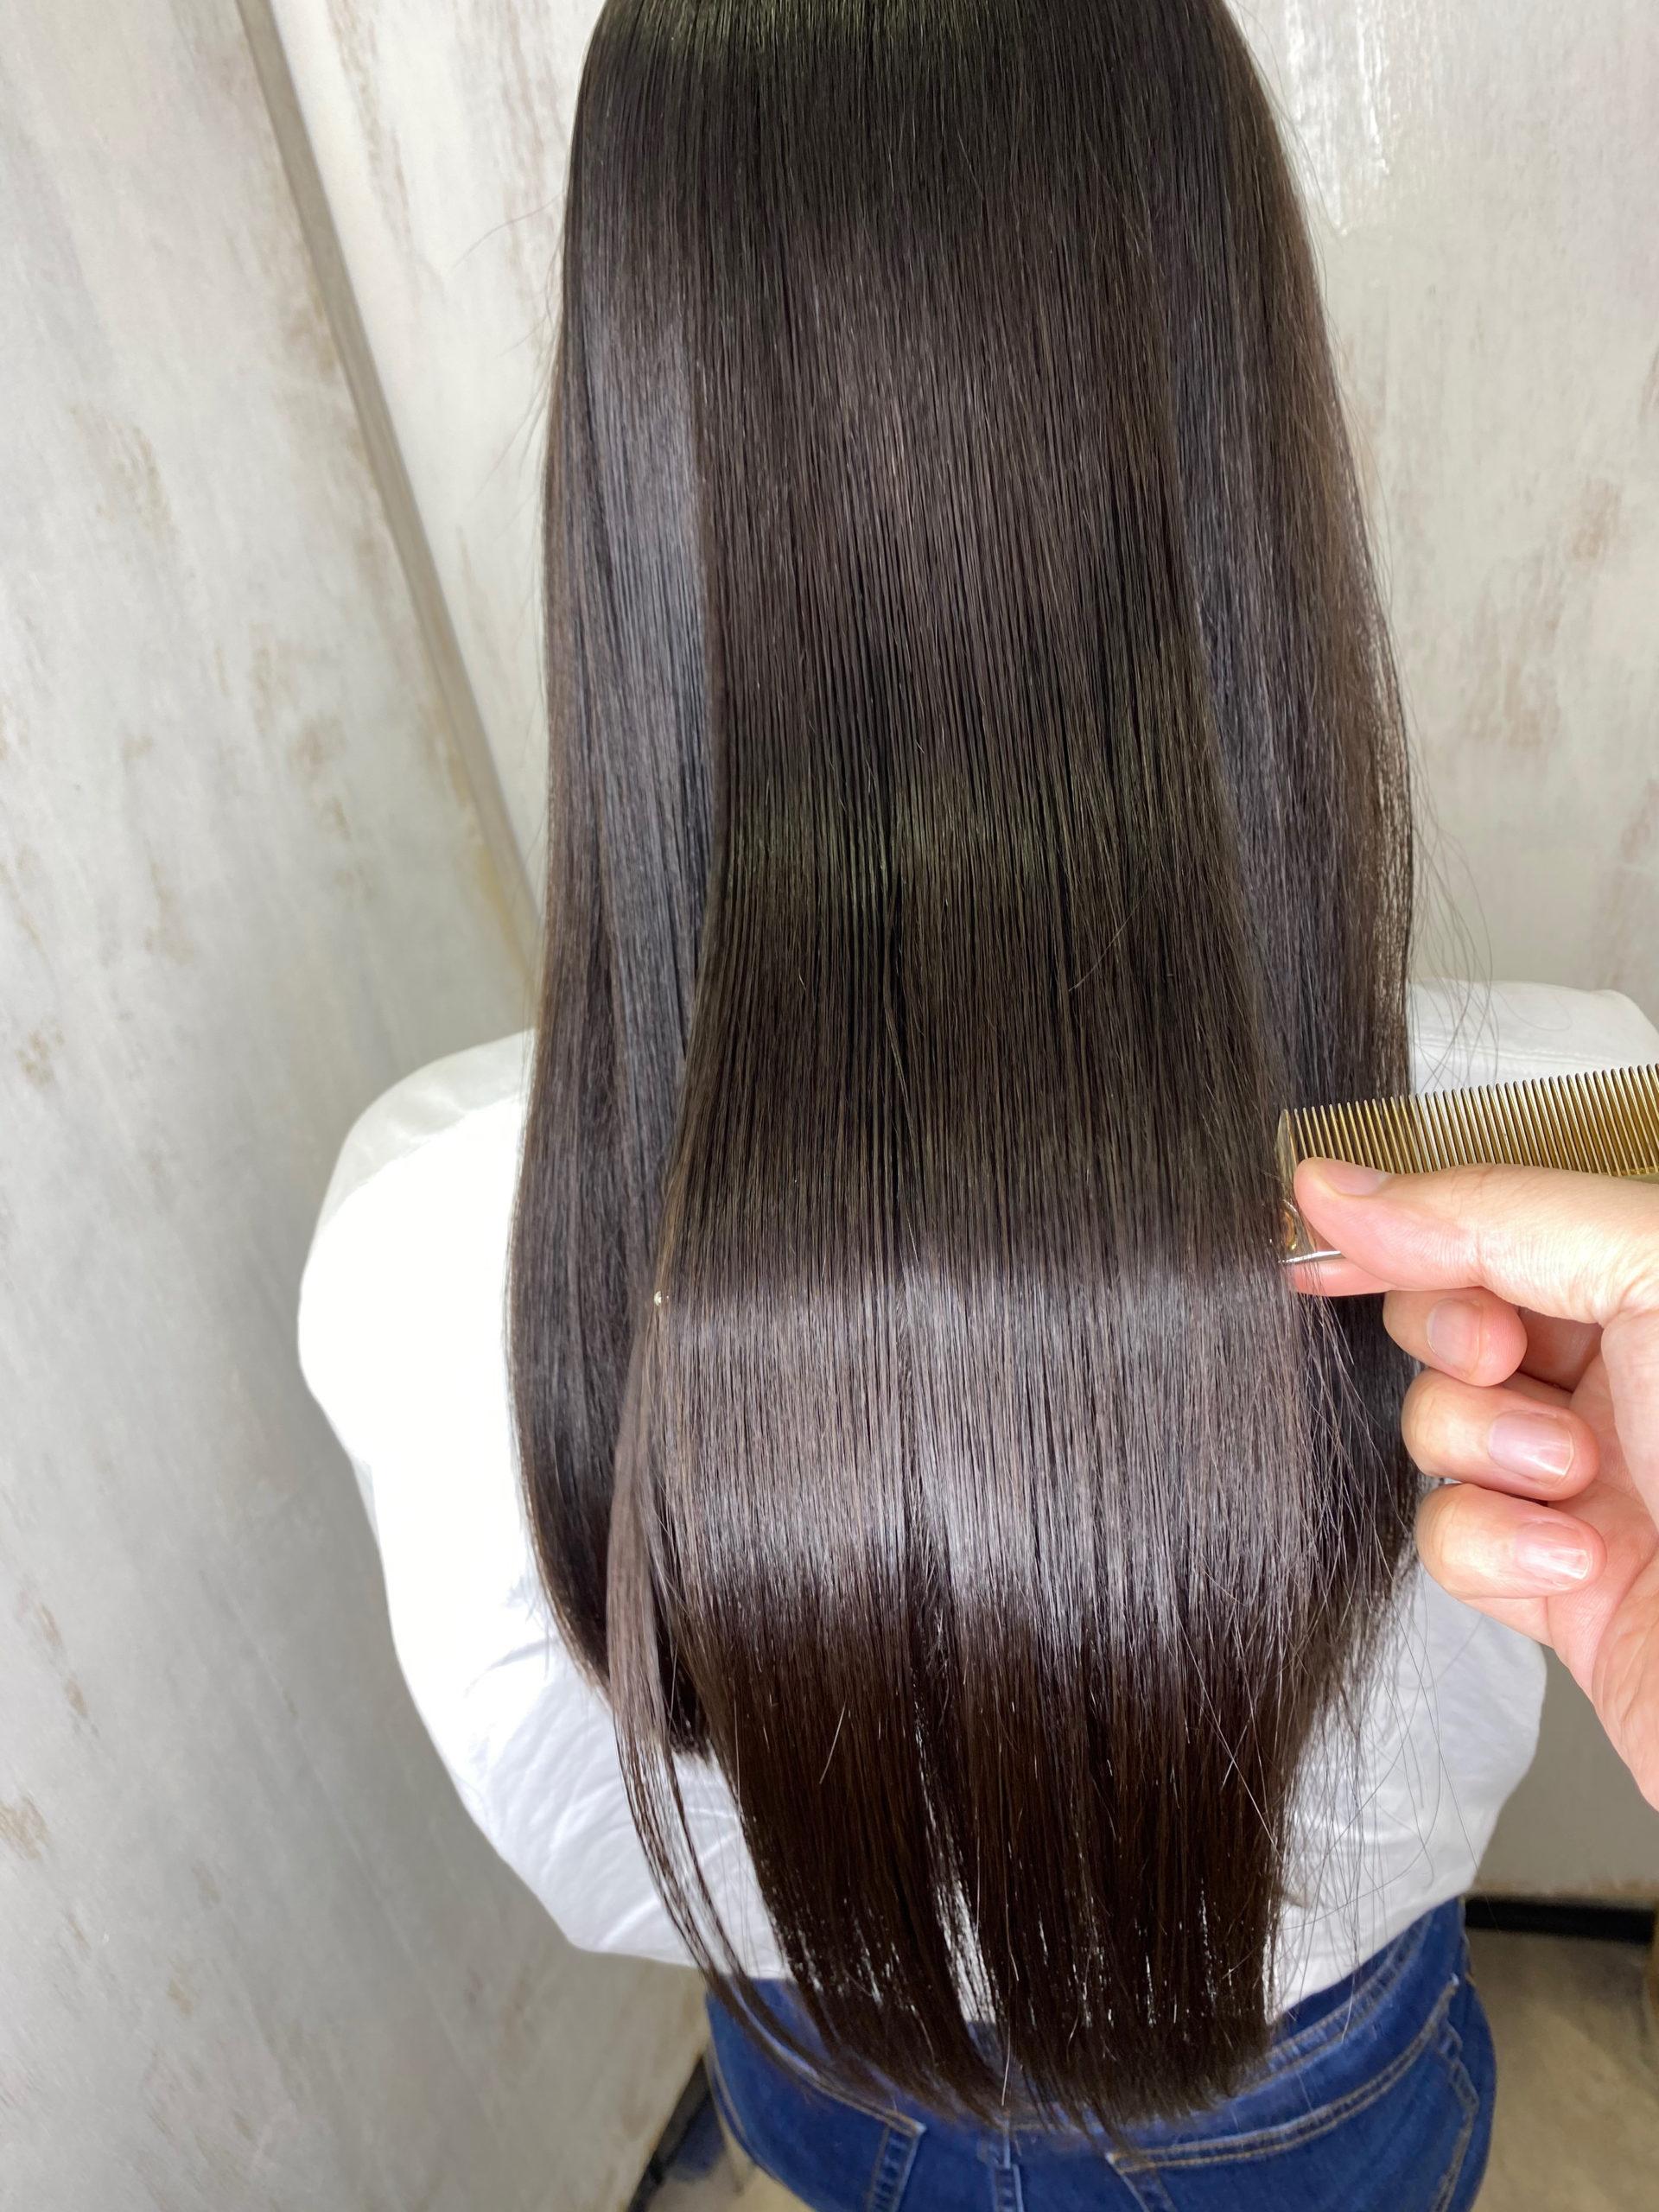 強いくせ毛の方を【ビビリ矯正】で艶髪ストレートヘアに変身。原宿・表参道『髪のお悩みを解決するヘアケア美容師の挑戦』